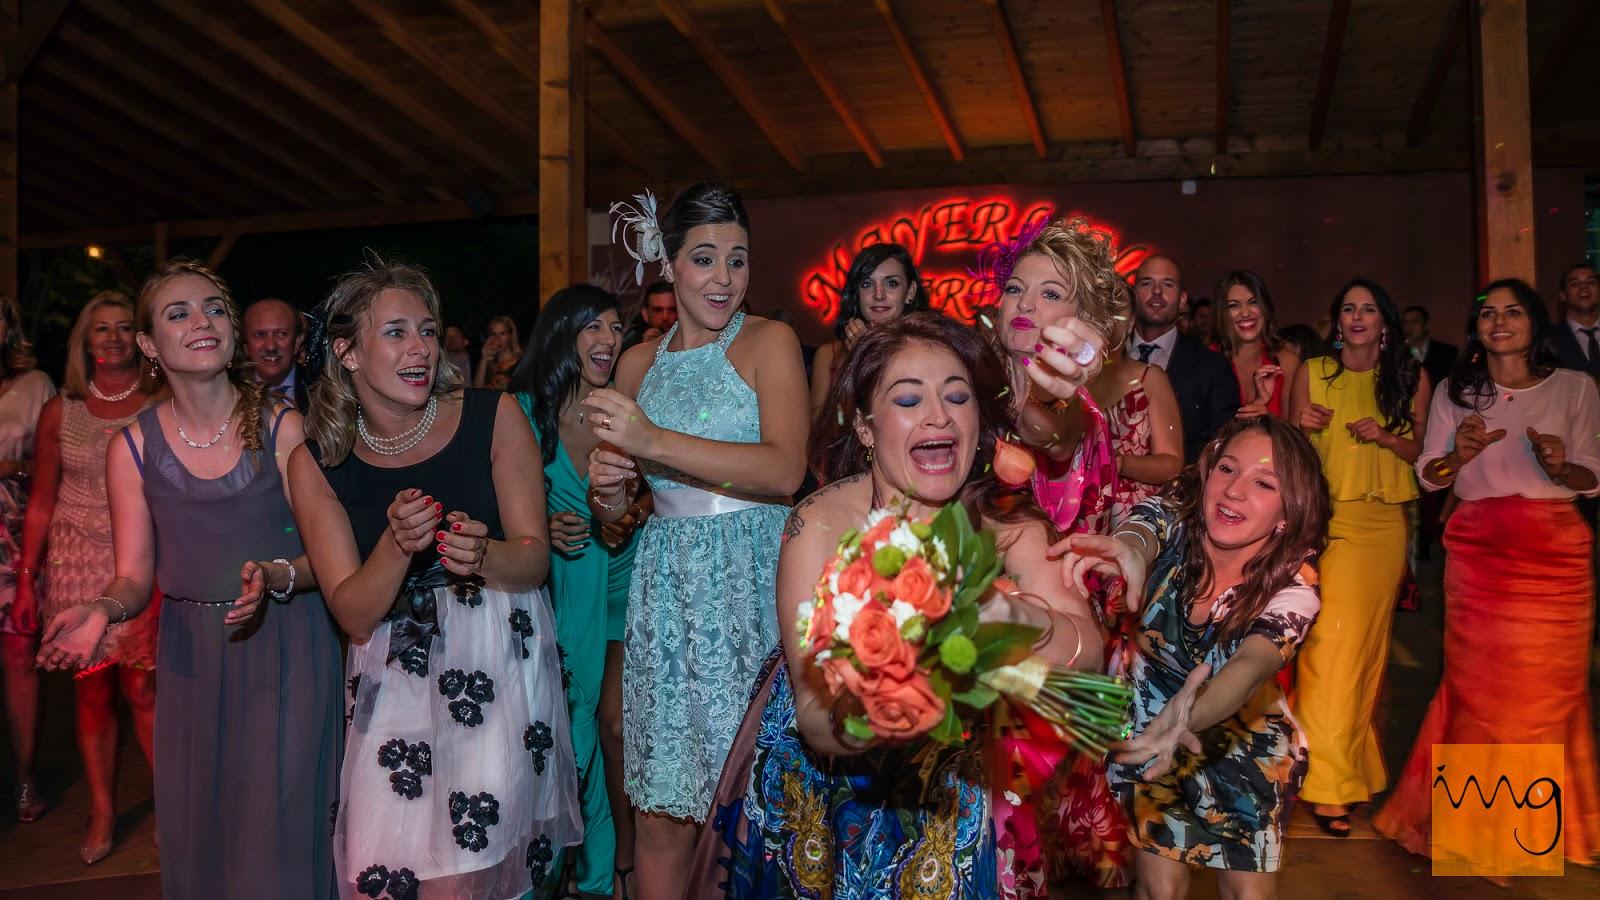 Fotografía de boda en el momento justo